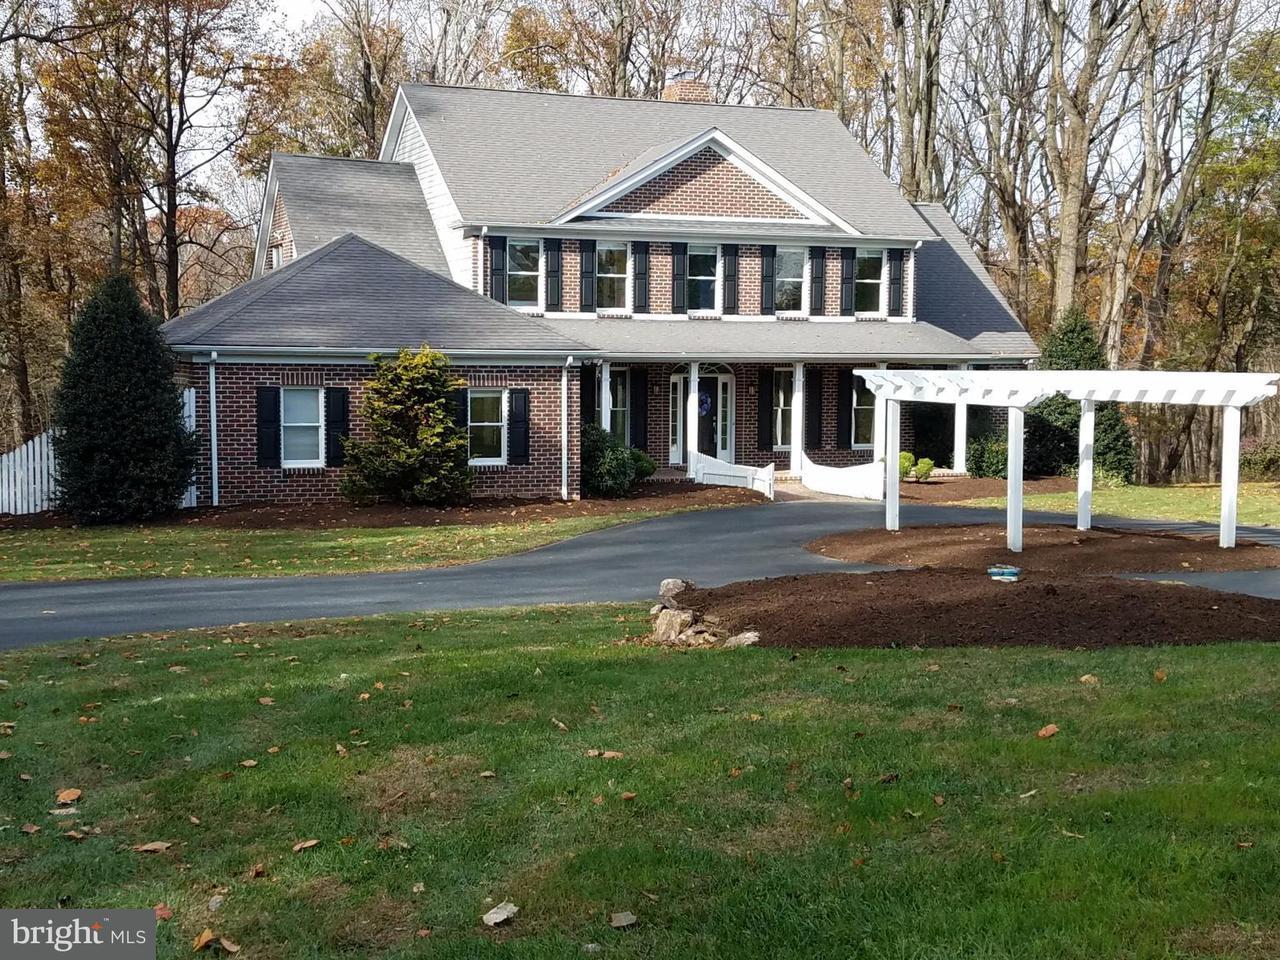 Casa Unifamiliar por un Venta en 3912 WEST BEND Drive 3912 WEST BEND Drive Jarrettsville, Maryland 21084 Estados Unidos